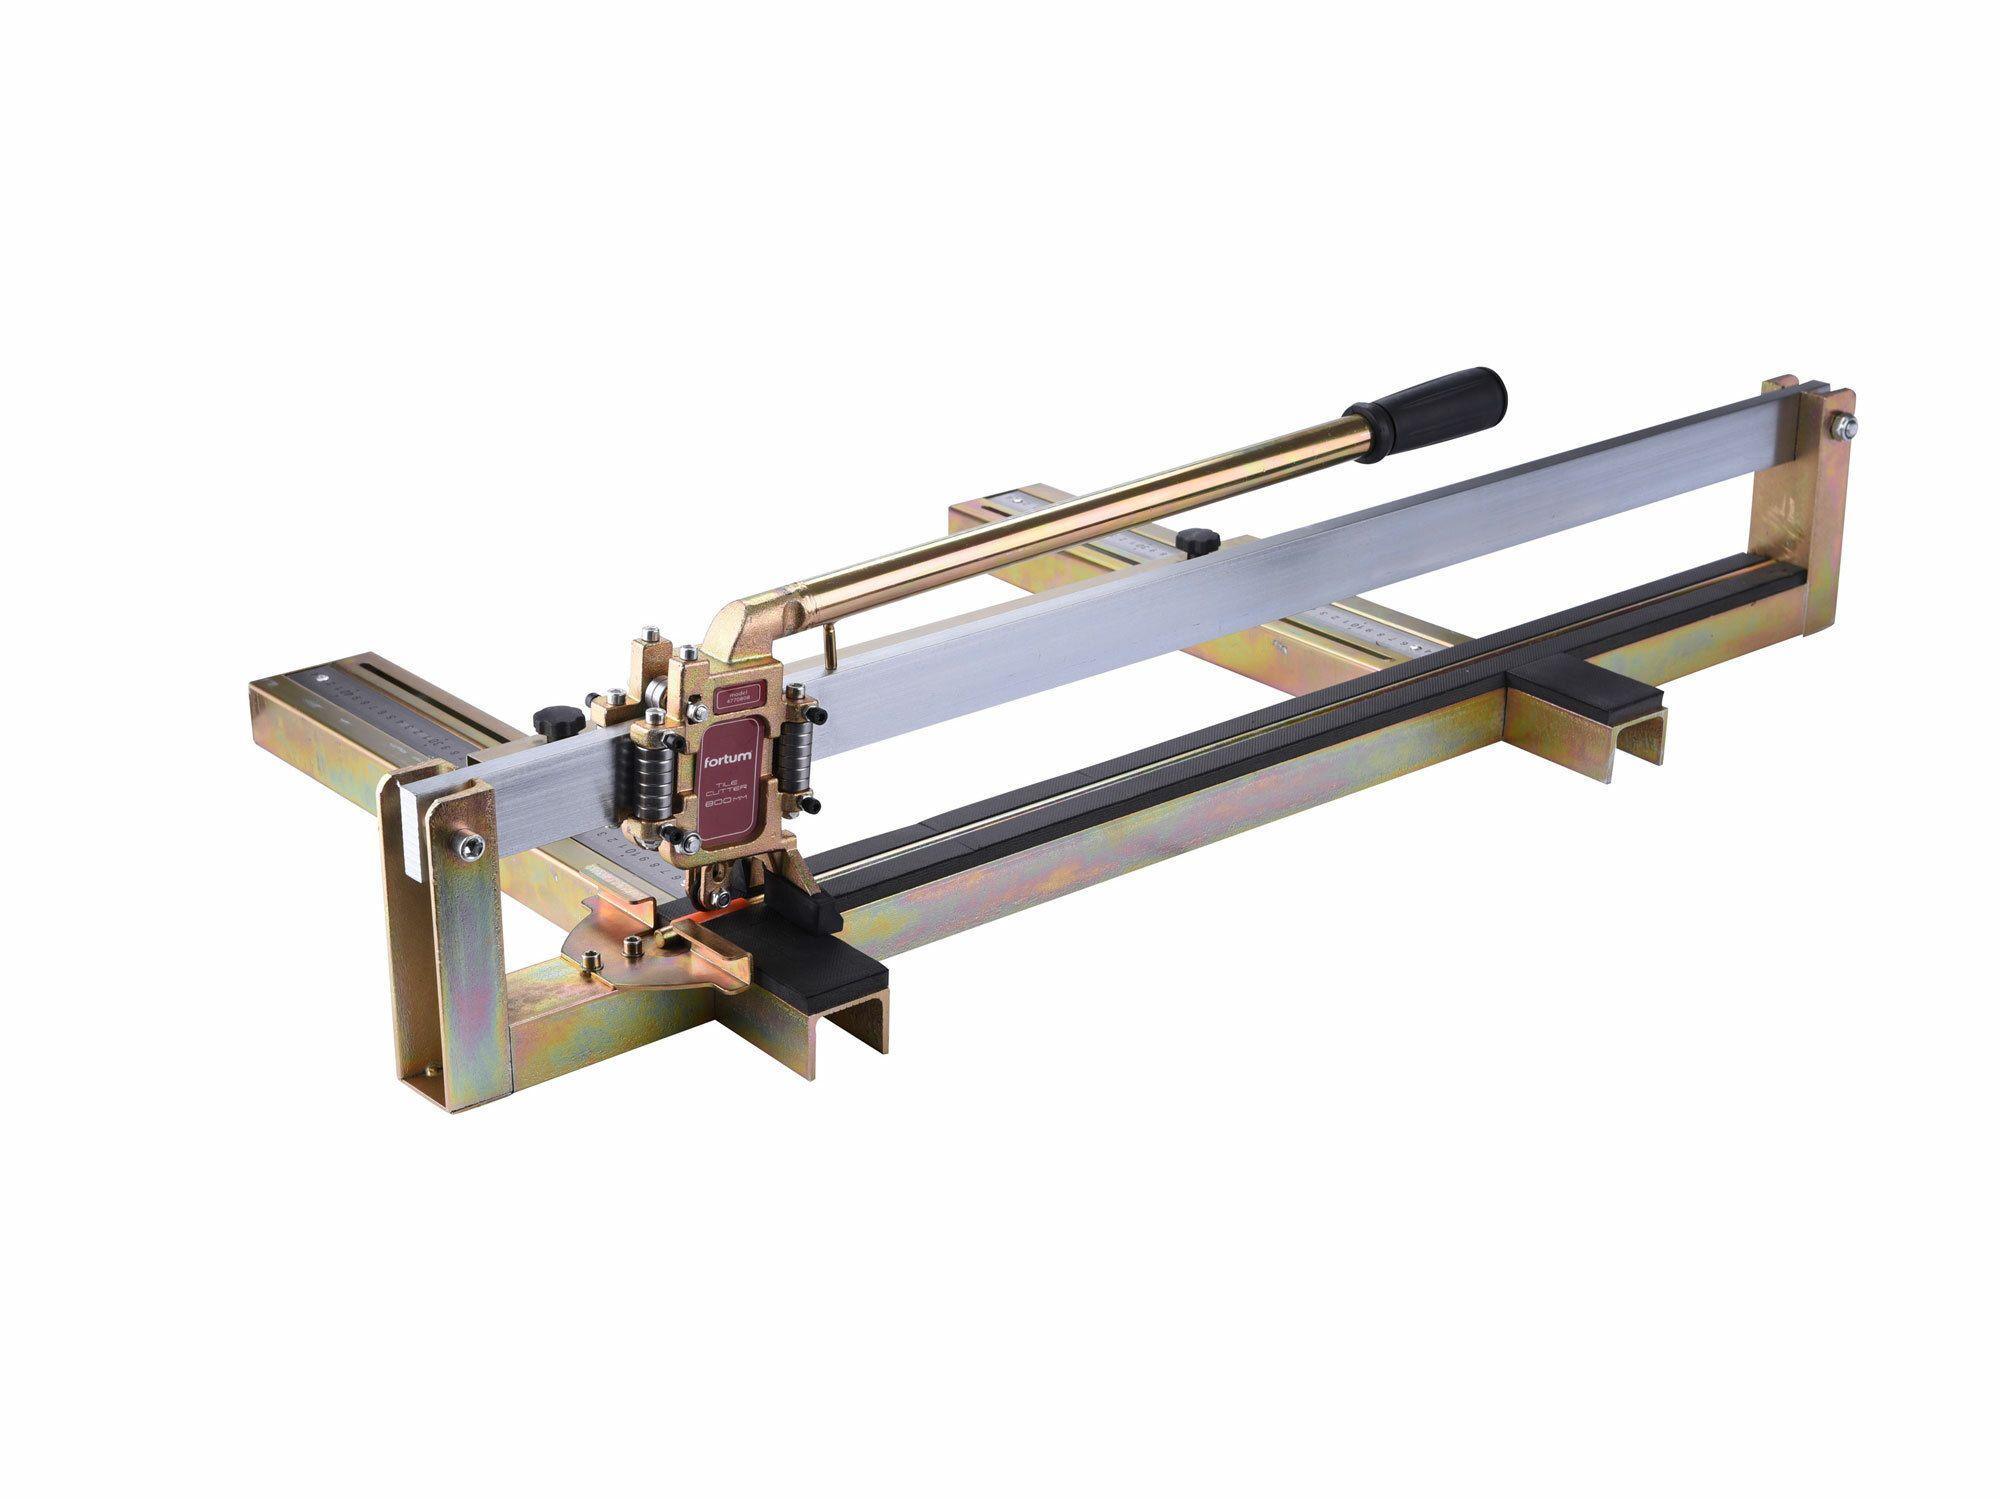 Řezačka obkladů profesionální, 1000mm, FORTUM